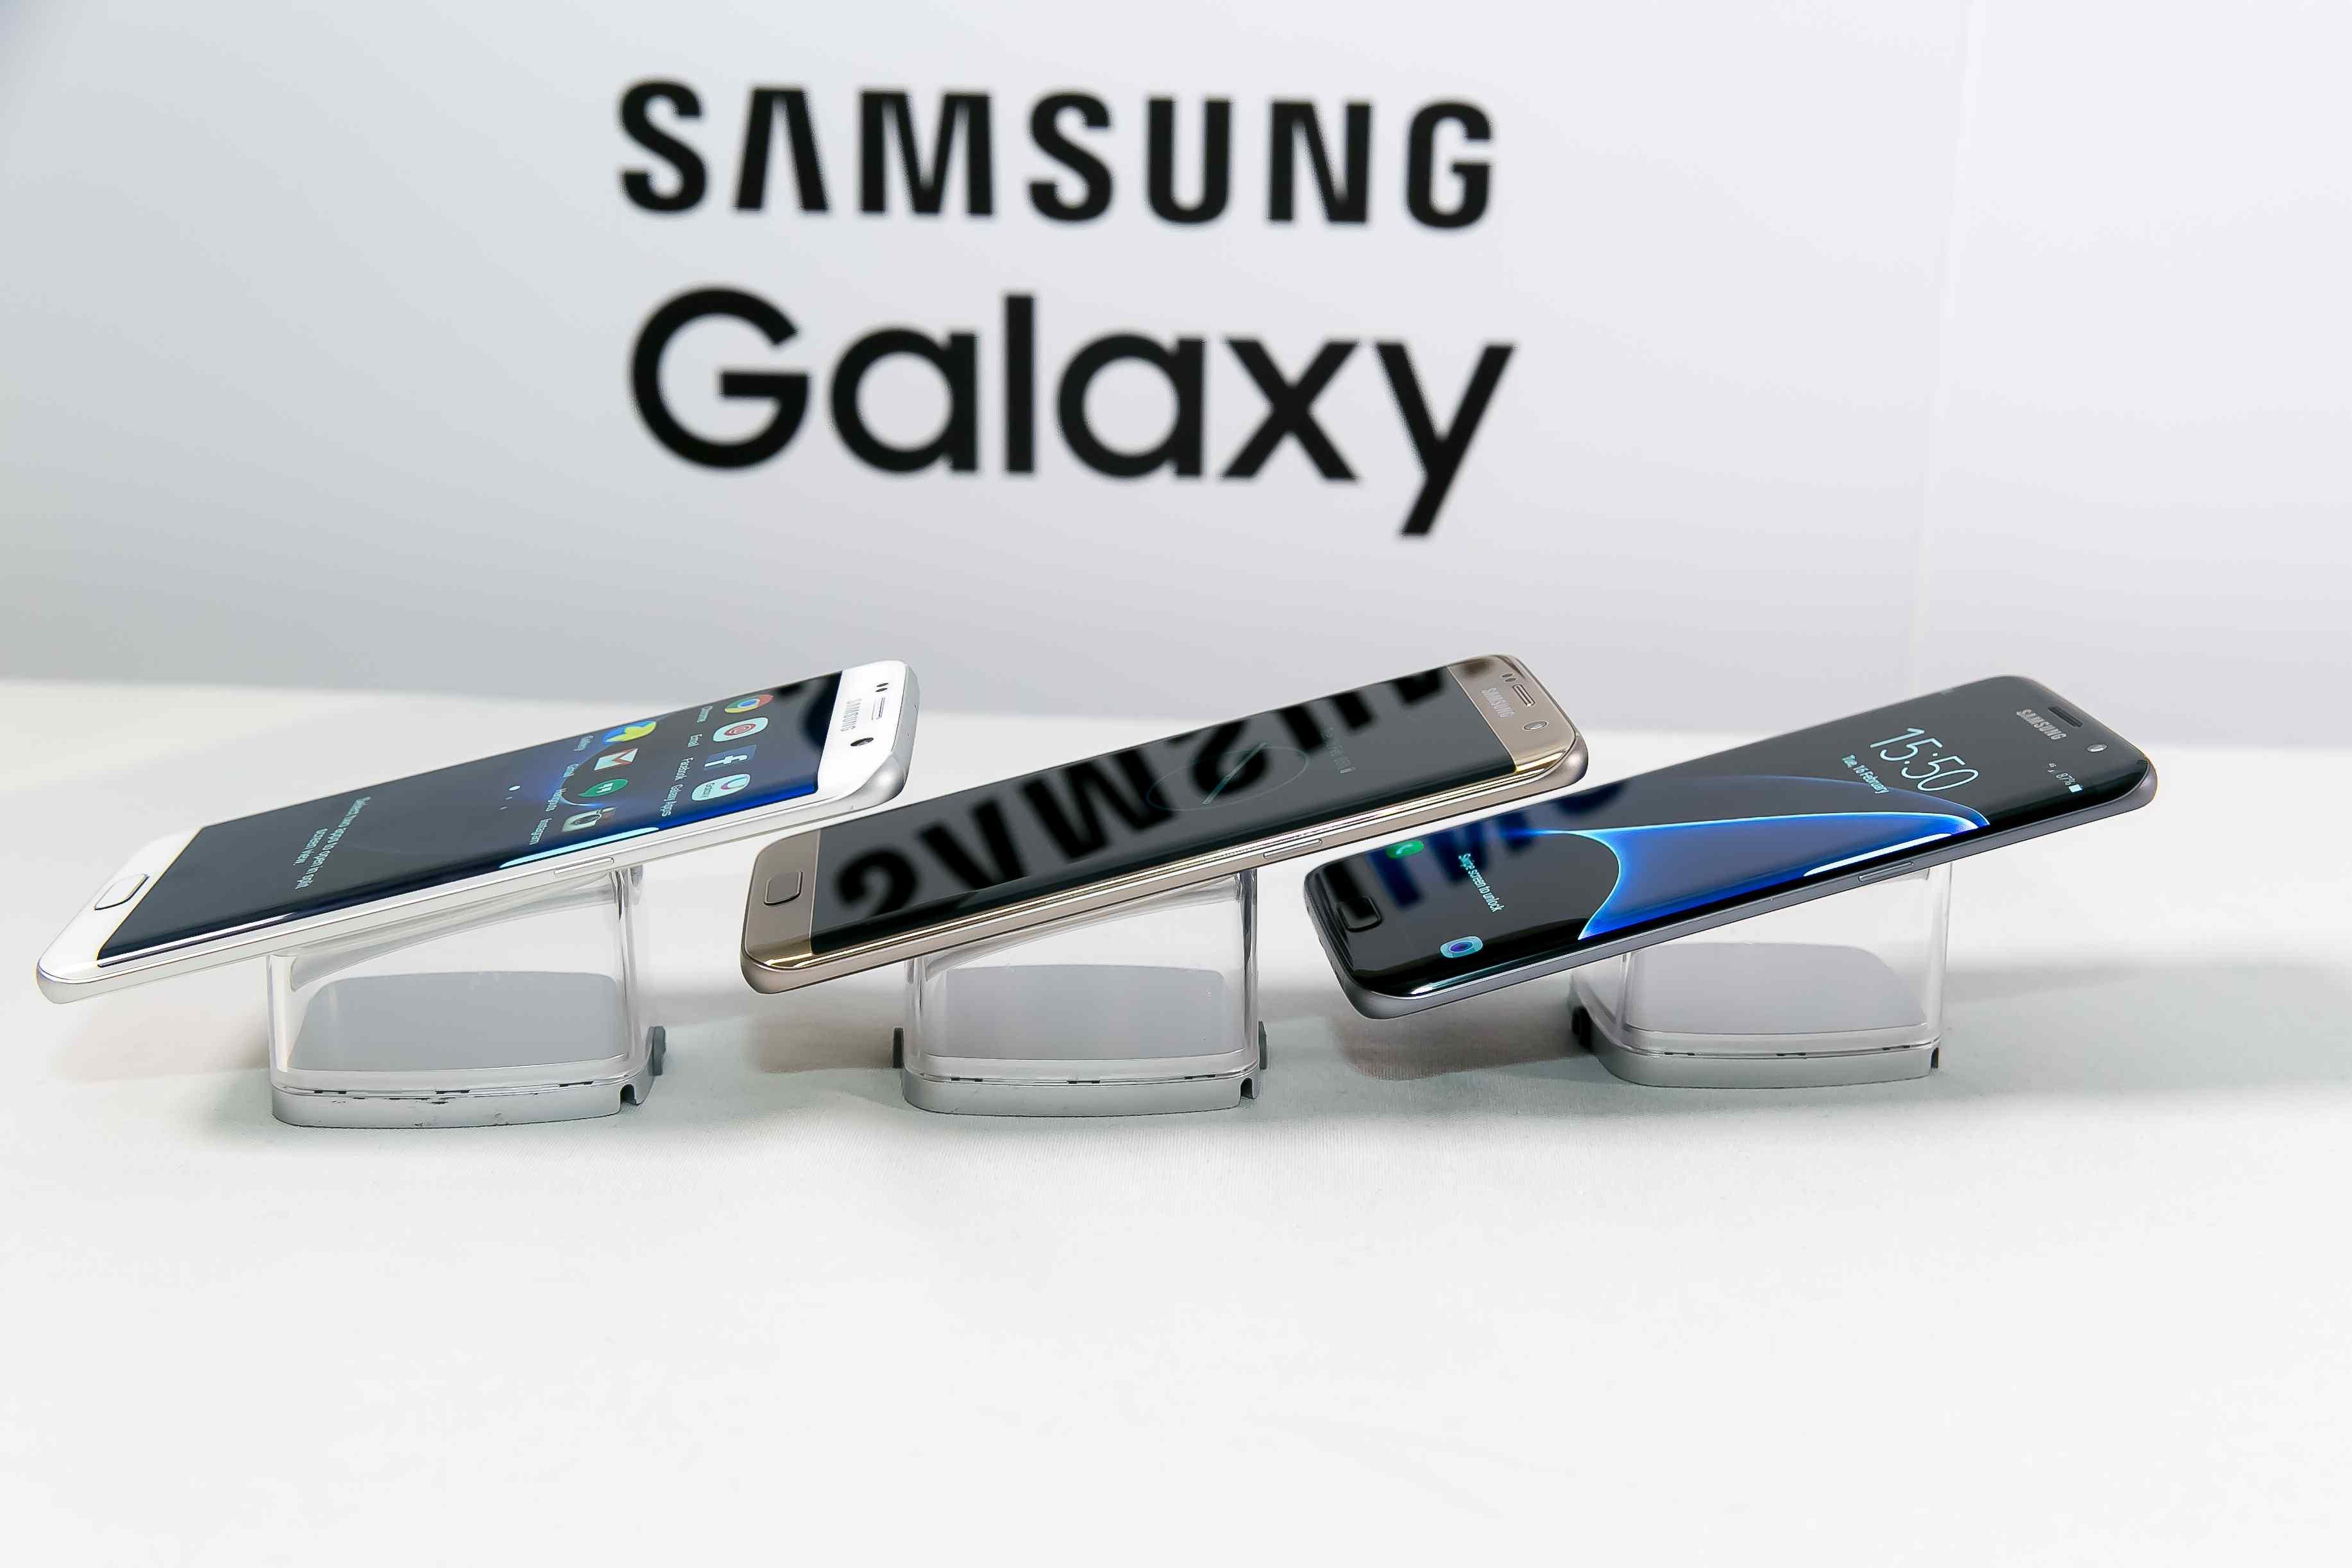 Nová vlajková loď Samsung Galaxy S7 edge zaujme svojím dizajnom, podporou microSD karty, stupňom krytia až IP68 a batériou s vyššou kapacitou